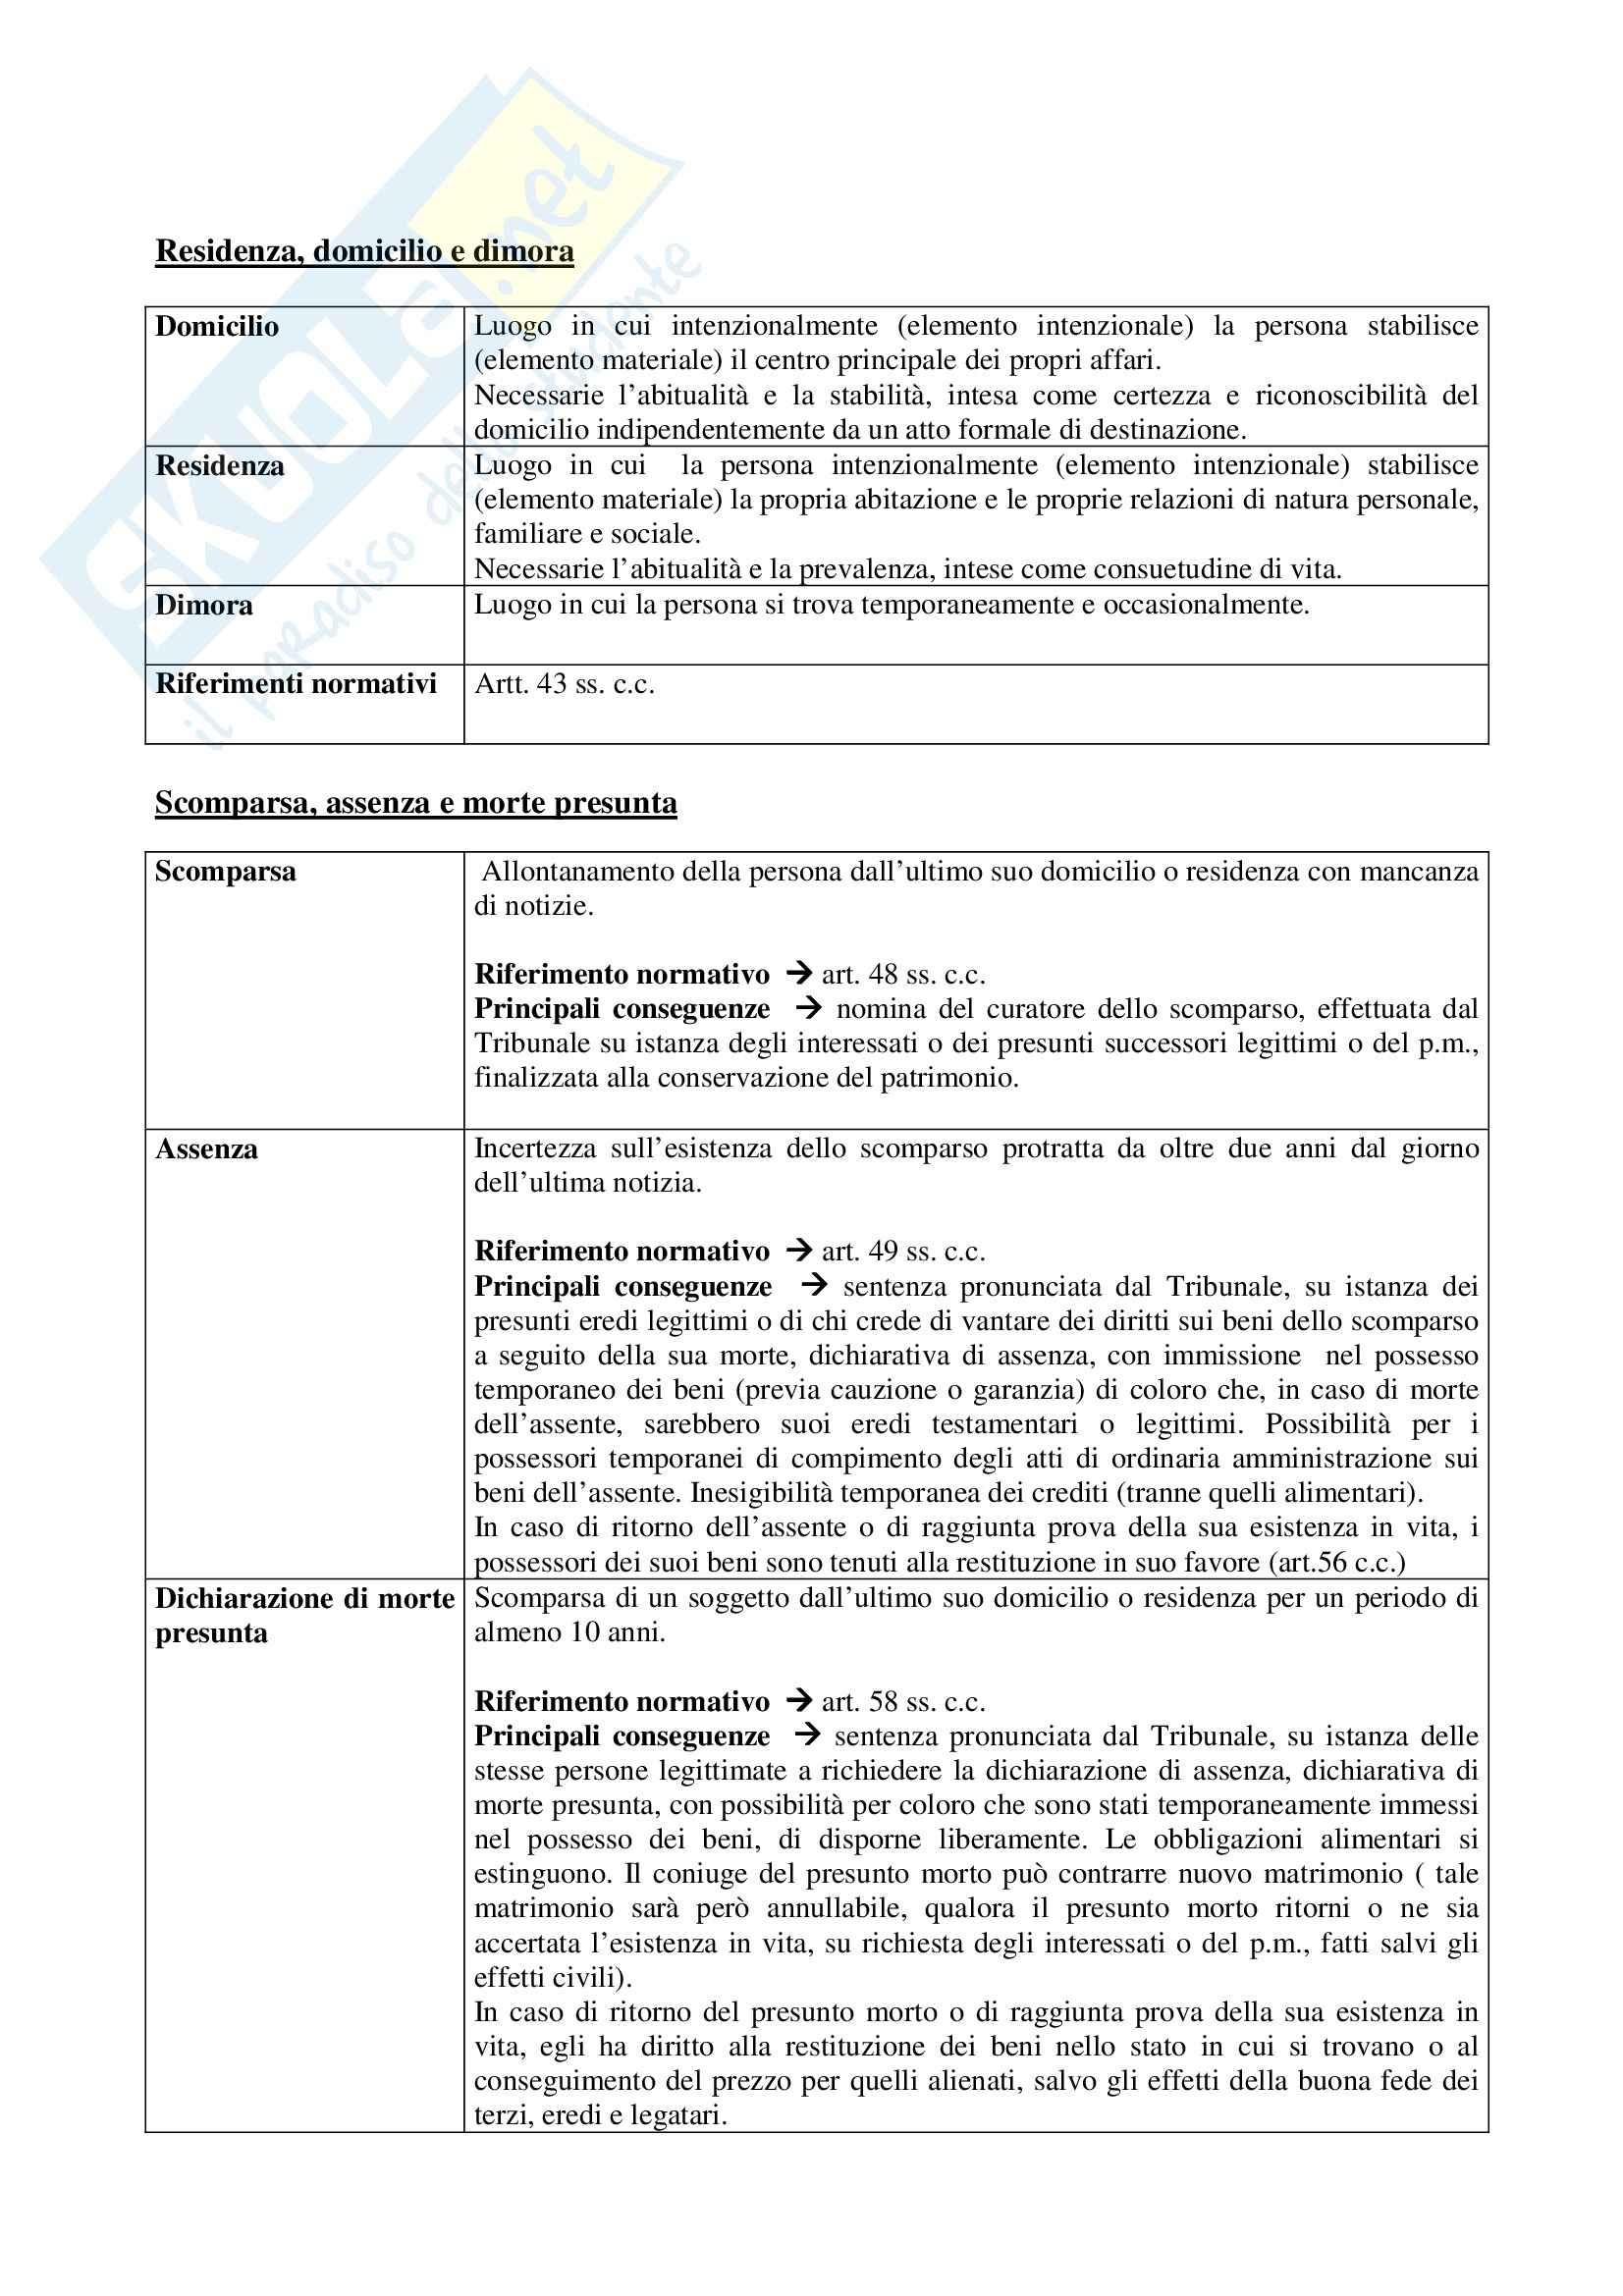 Manuale di diritto civile, Perlingieri - Schemi Pag. 16